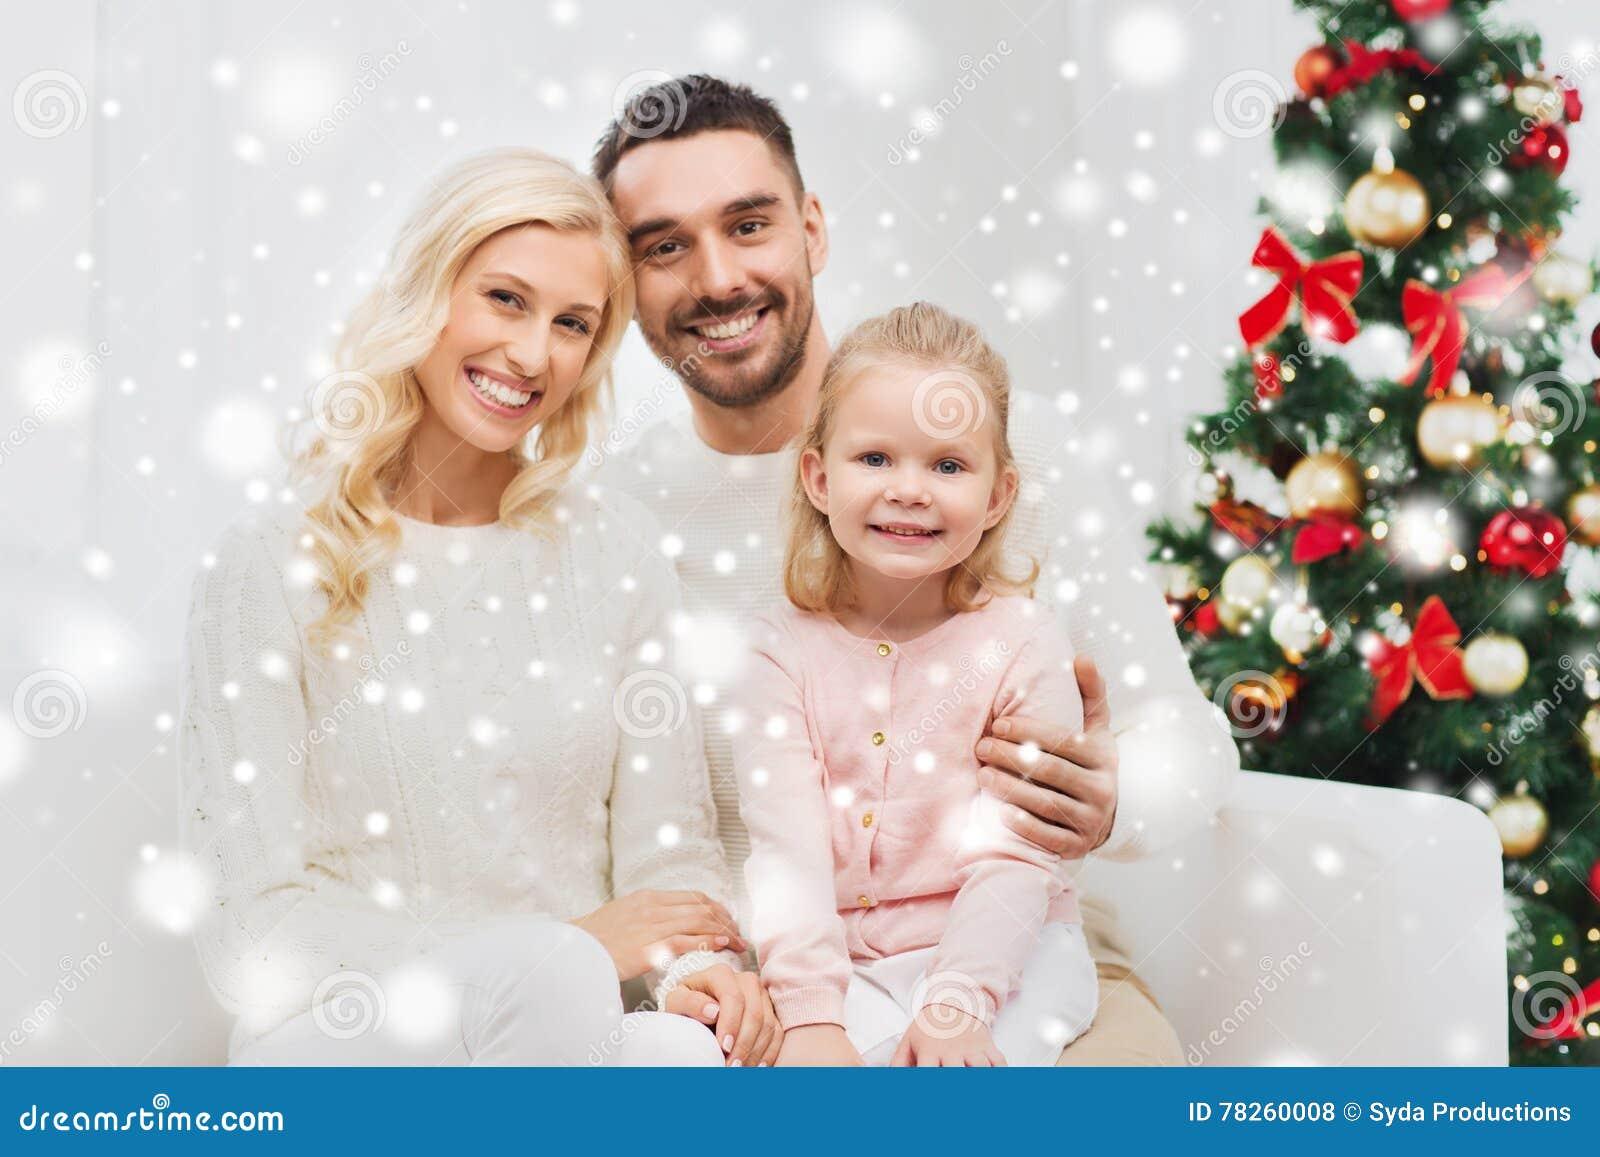 Ευτυχής οικογένεια στο σπίτι με το χριστουγεννιάτικο δέντρο